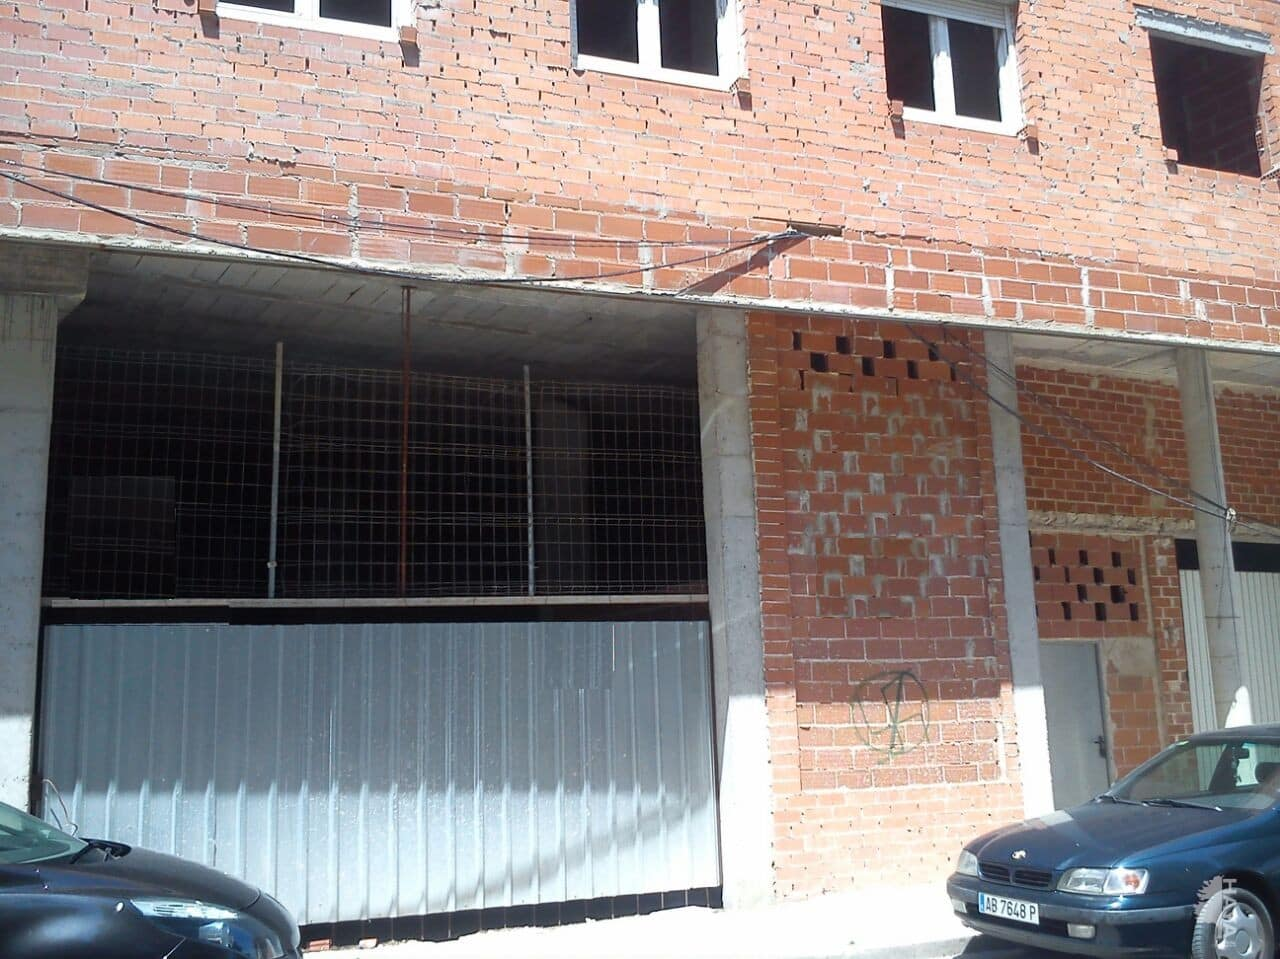 Piso en venta en La Roda, Albacete, Plaza Juan Garcia Glz, 45.300 €, 1 habitación, 1 baño, 135 m2